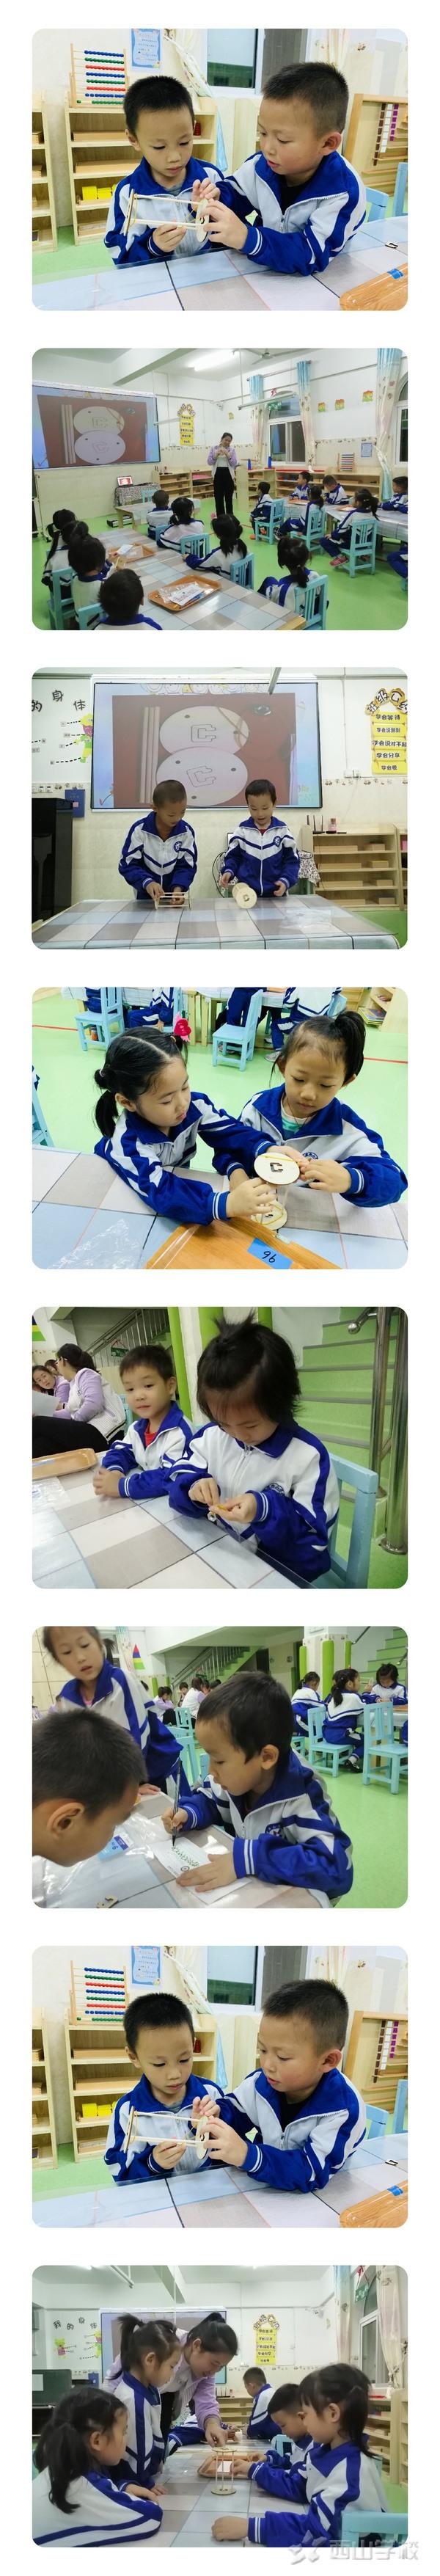 牵手STEM,遇见更精彩的你 ——福清西山学校幼儿园特色课程示范课活动